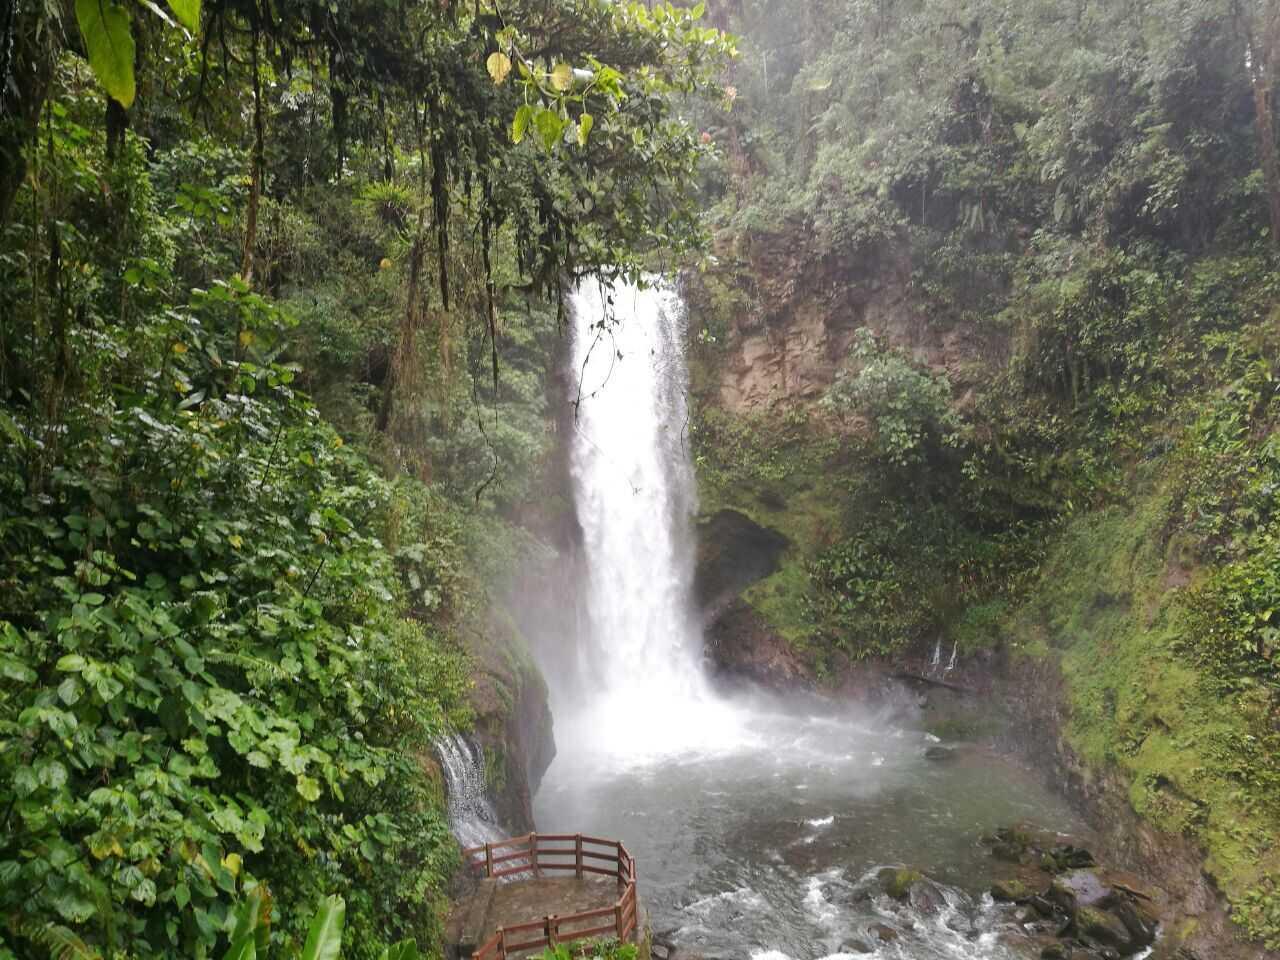 The beautiful La Paz waterfall